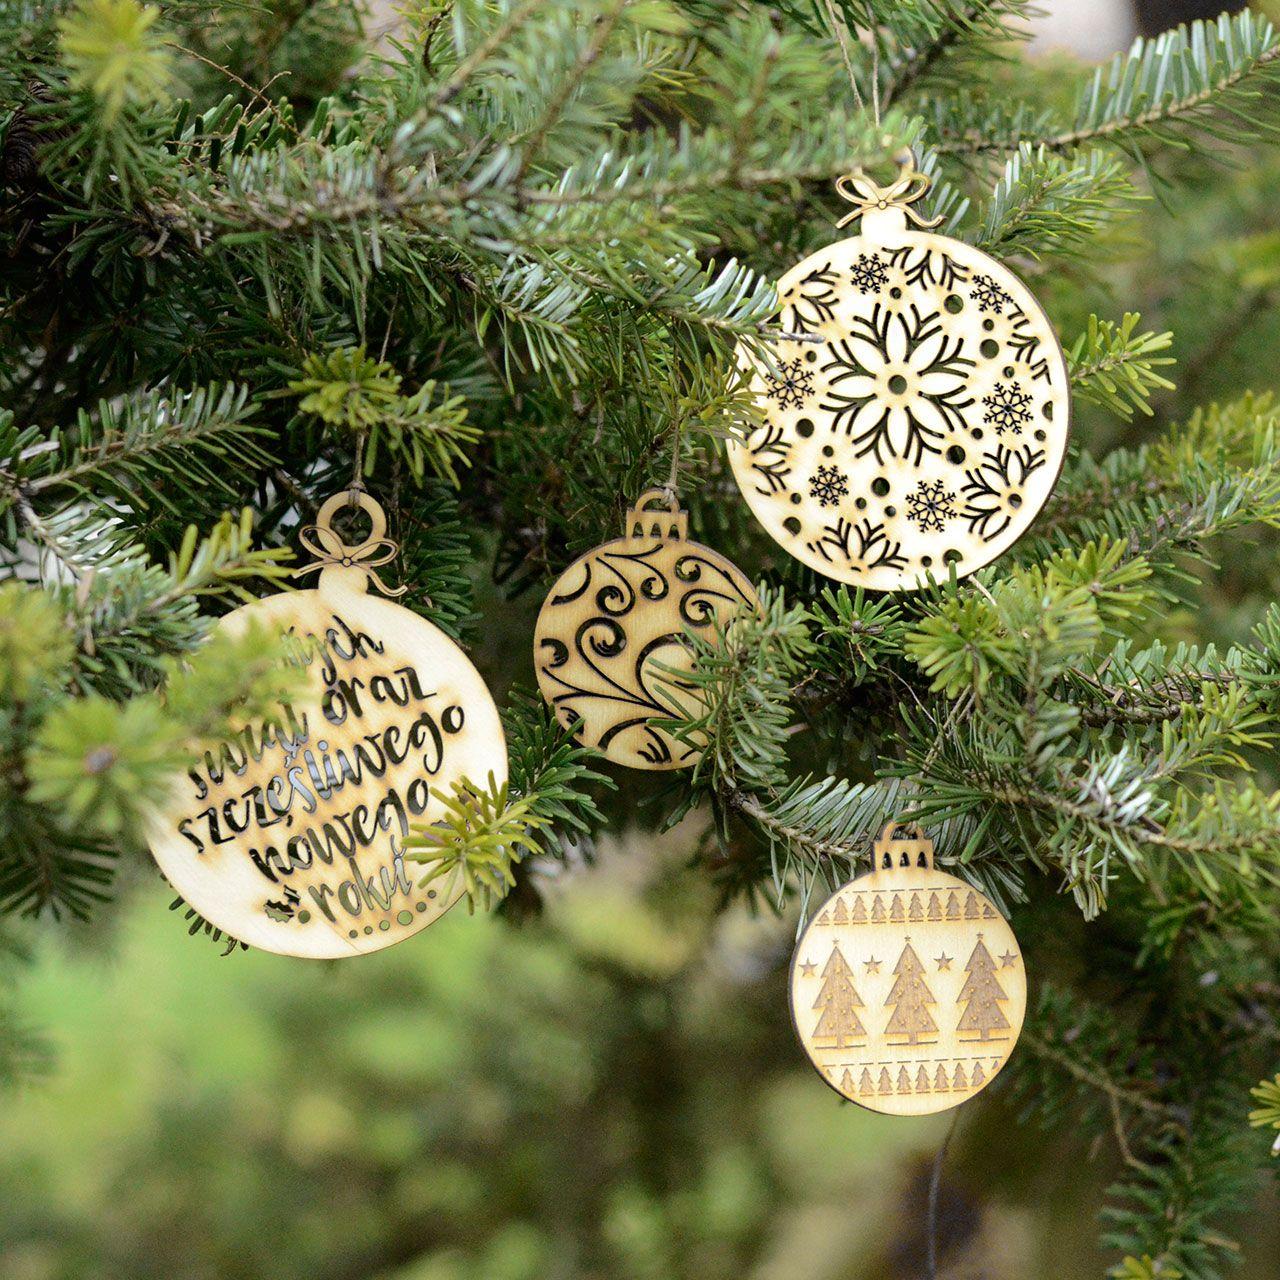 Bombki Na Choinkę świąteczne Ozdoby I Bożonarodzeniowe